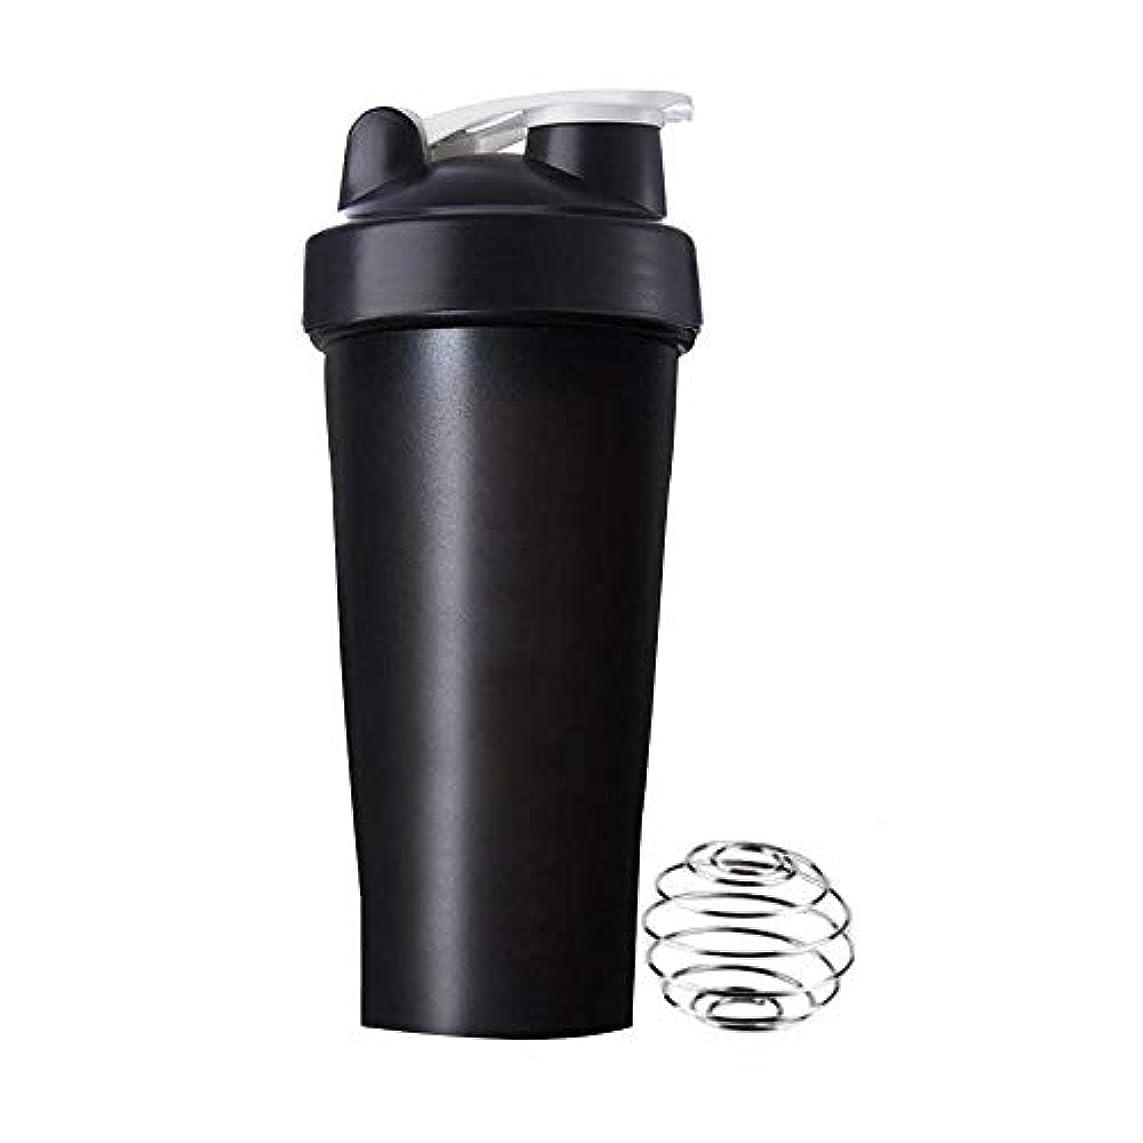 インデックス材料切り下げSimg プロテインシェイカー 直飲み プラスチックウォーターボトル ジム シェーカーボトル 600ml